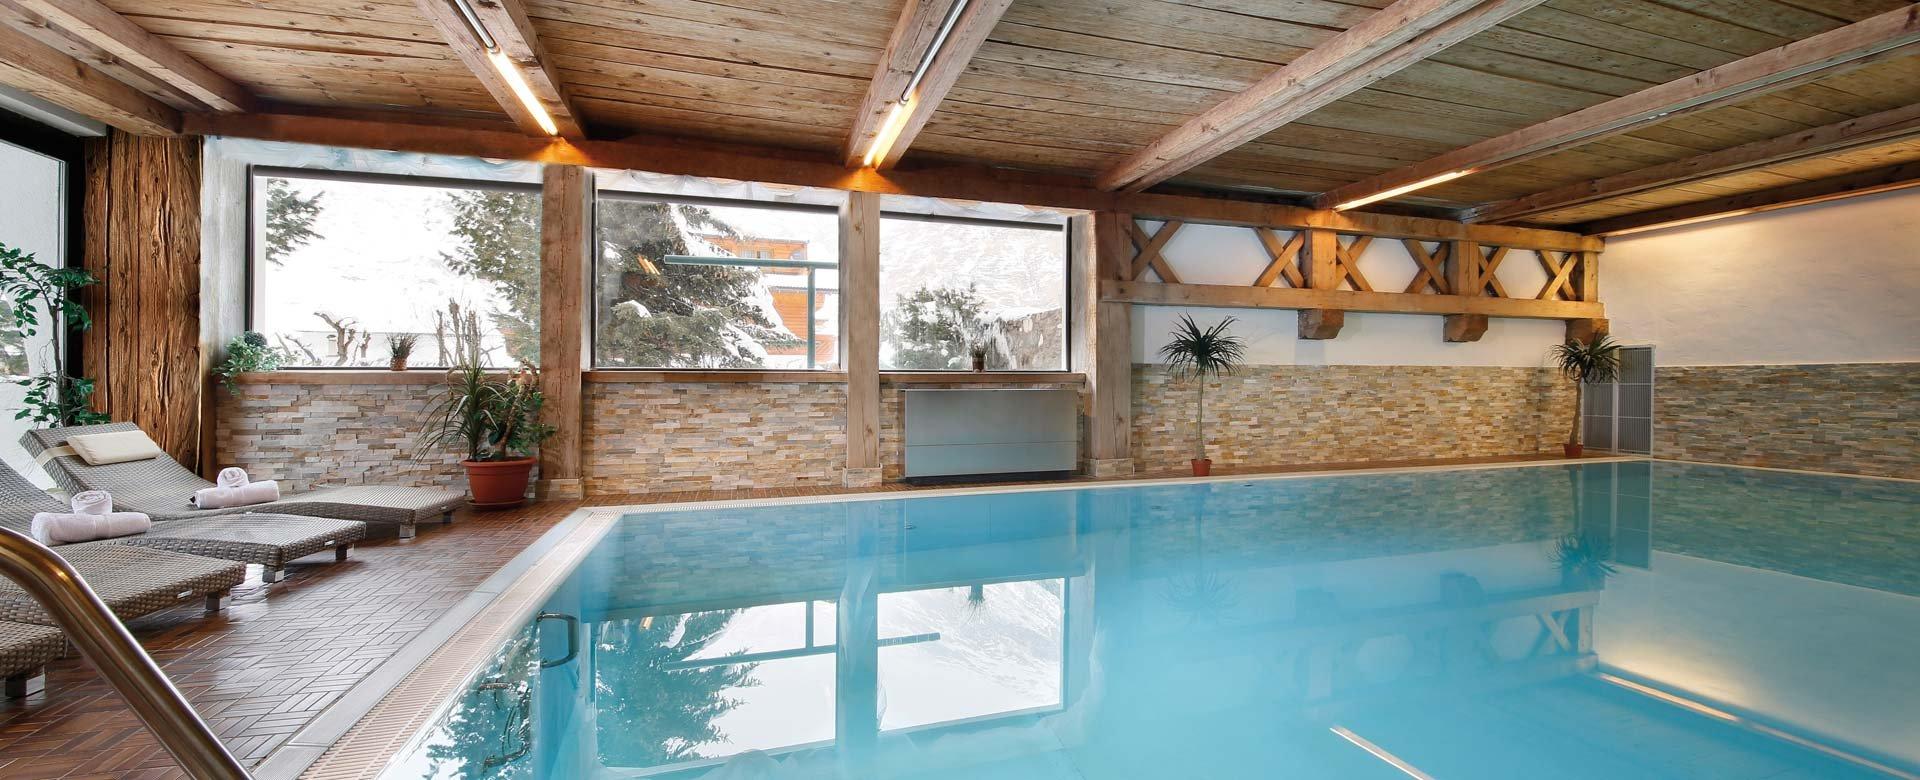 Indoorpool, Hallenbad - Entspannungsurlaub in der Ferienregion ...